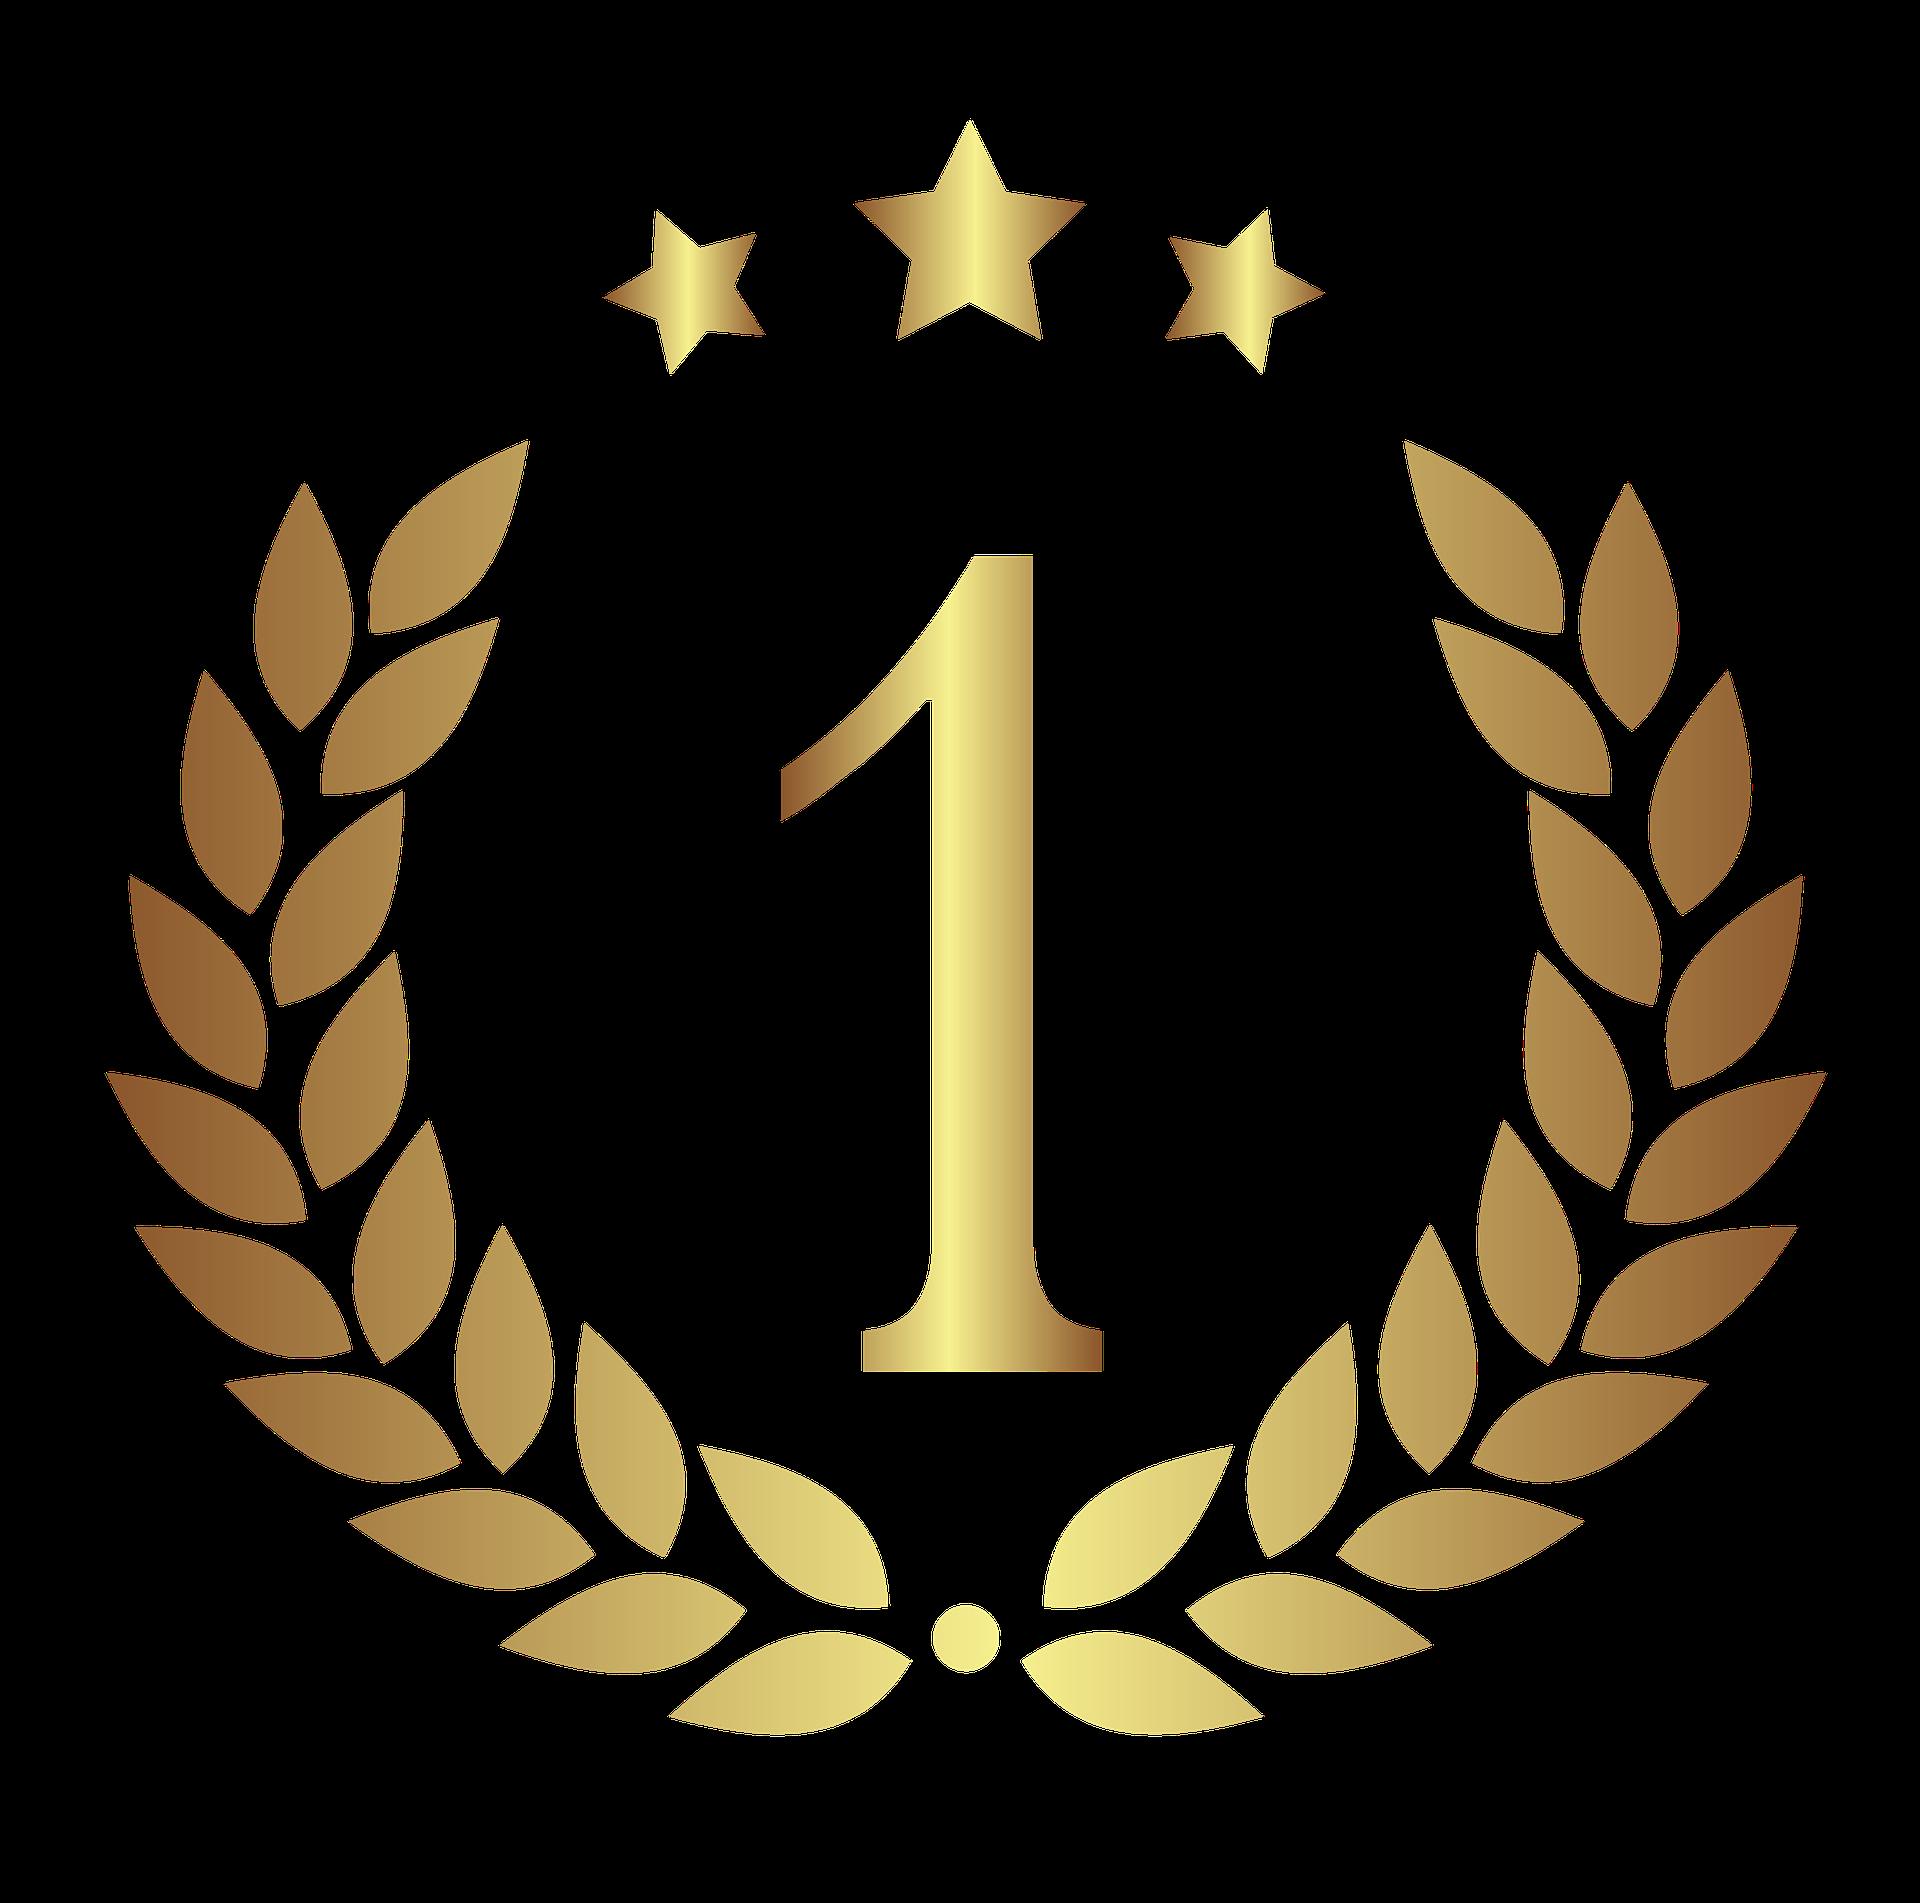 medal-2163457_1920